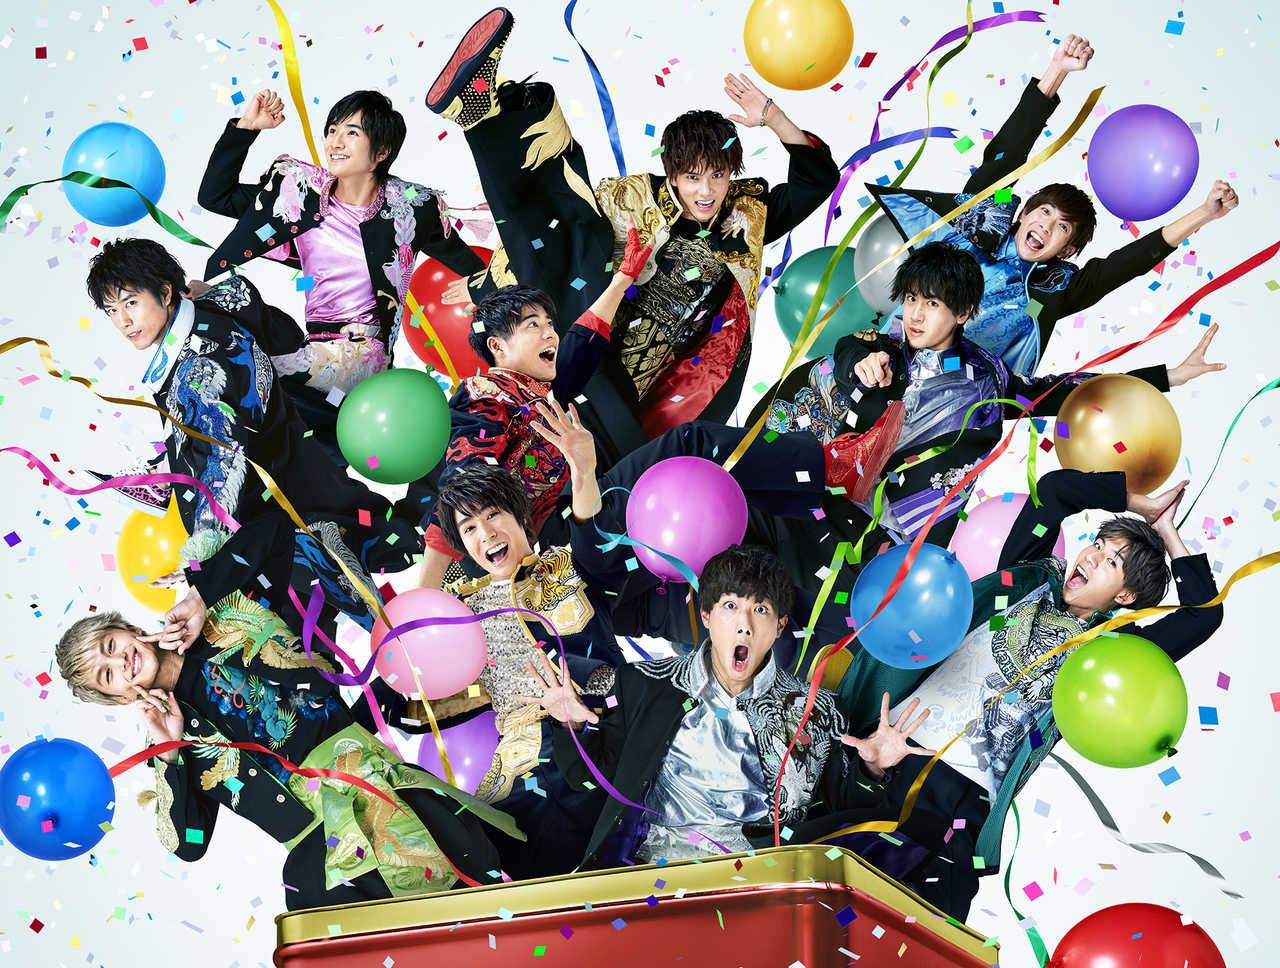 BOYS AND MEN、2019年1月ナゴヤドーム公演、12月19日自身初のベスト「ボイメン・ザ・ベスト」発売決定!